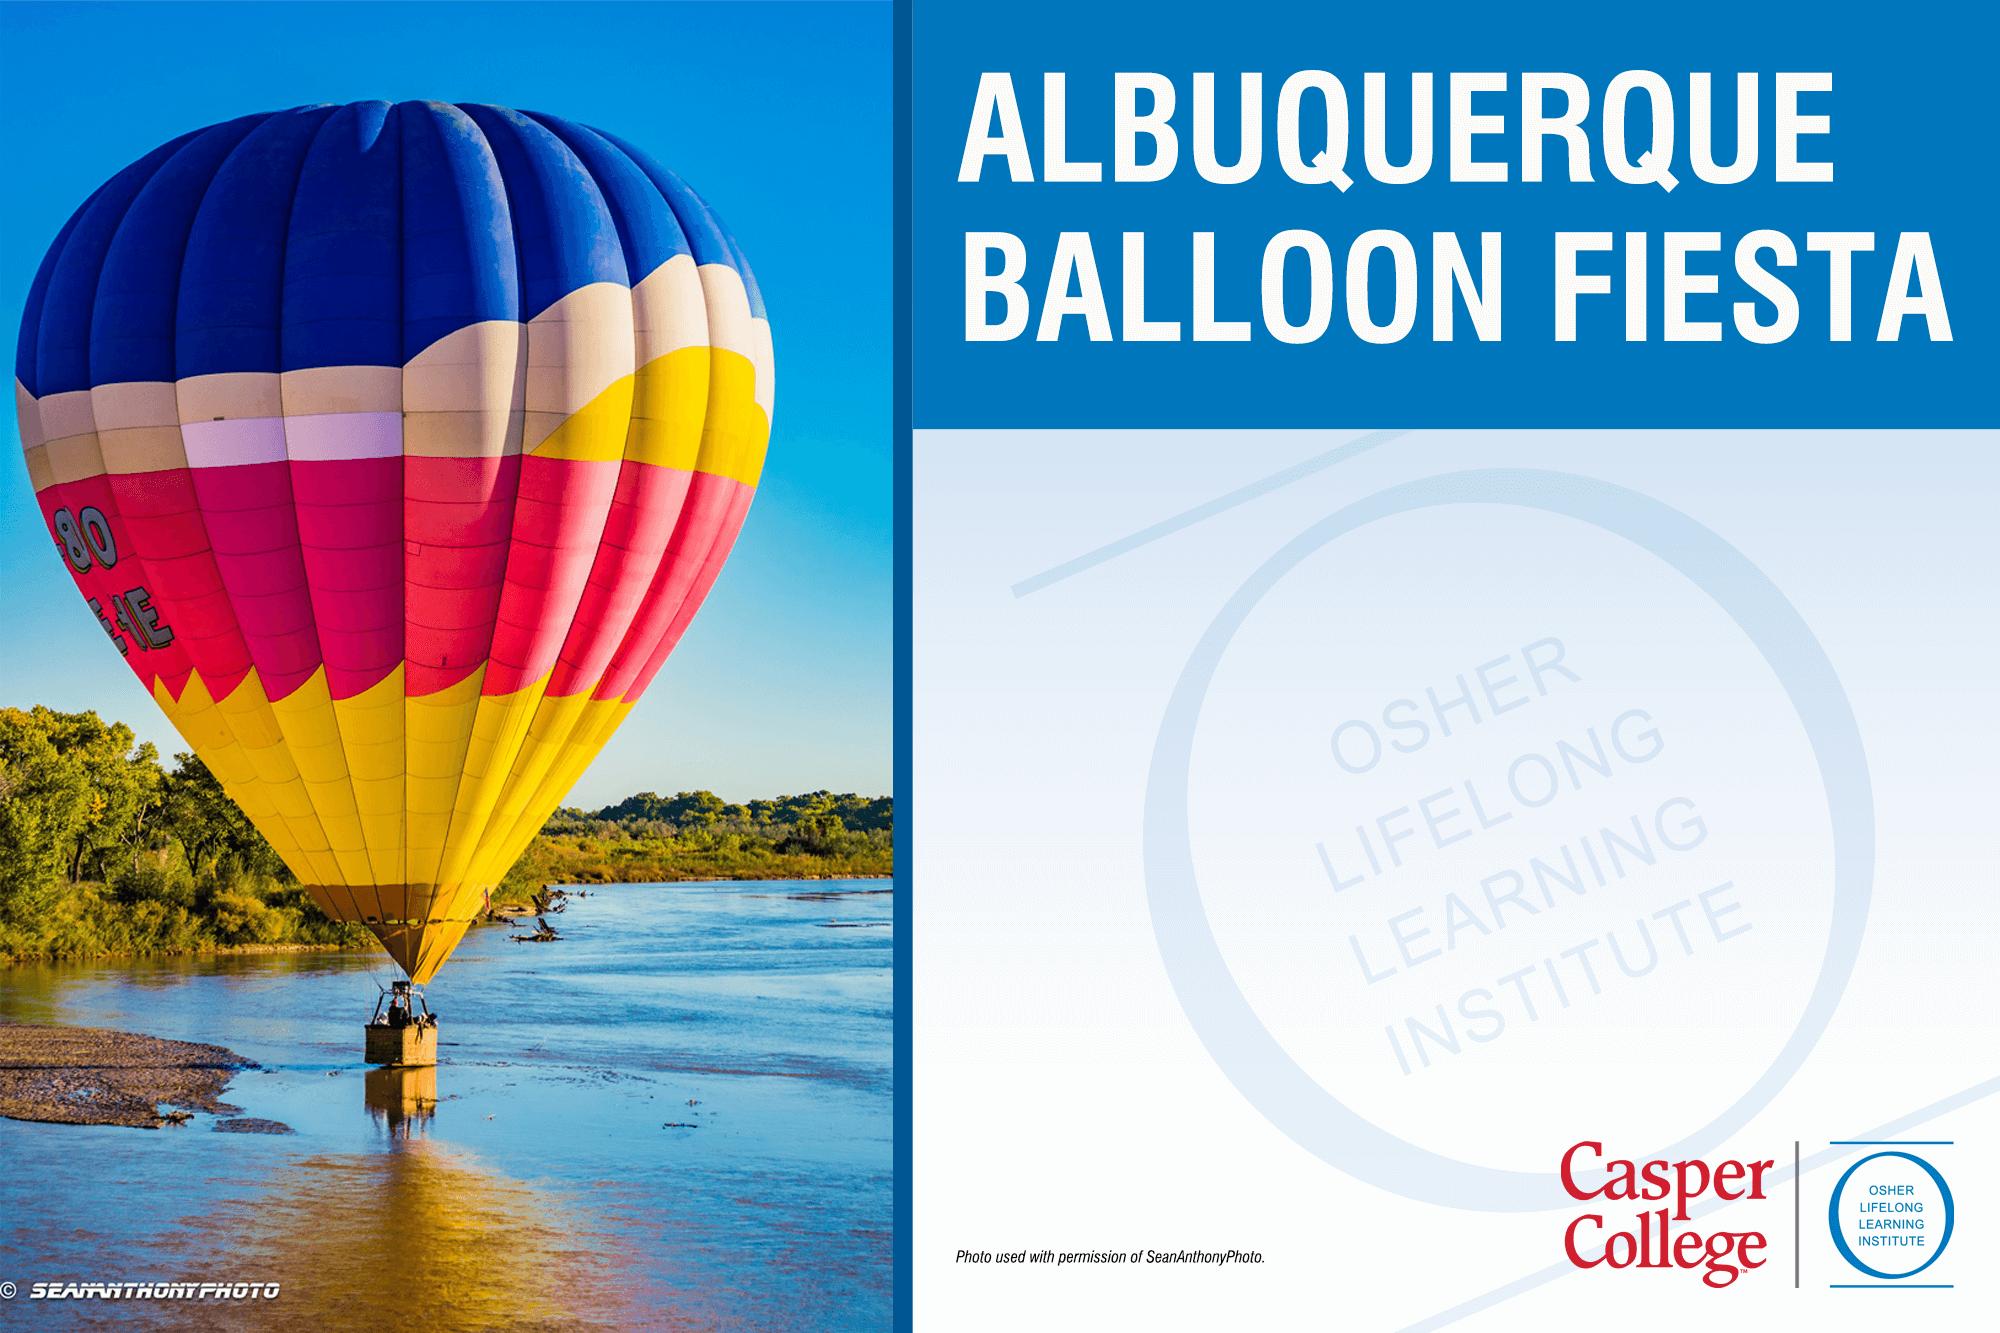 """Photo of a hot air ballon with the words """"Albuquerque Balloon Fiesta."""""""